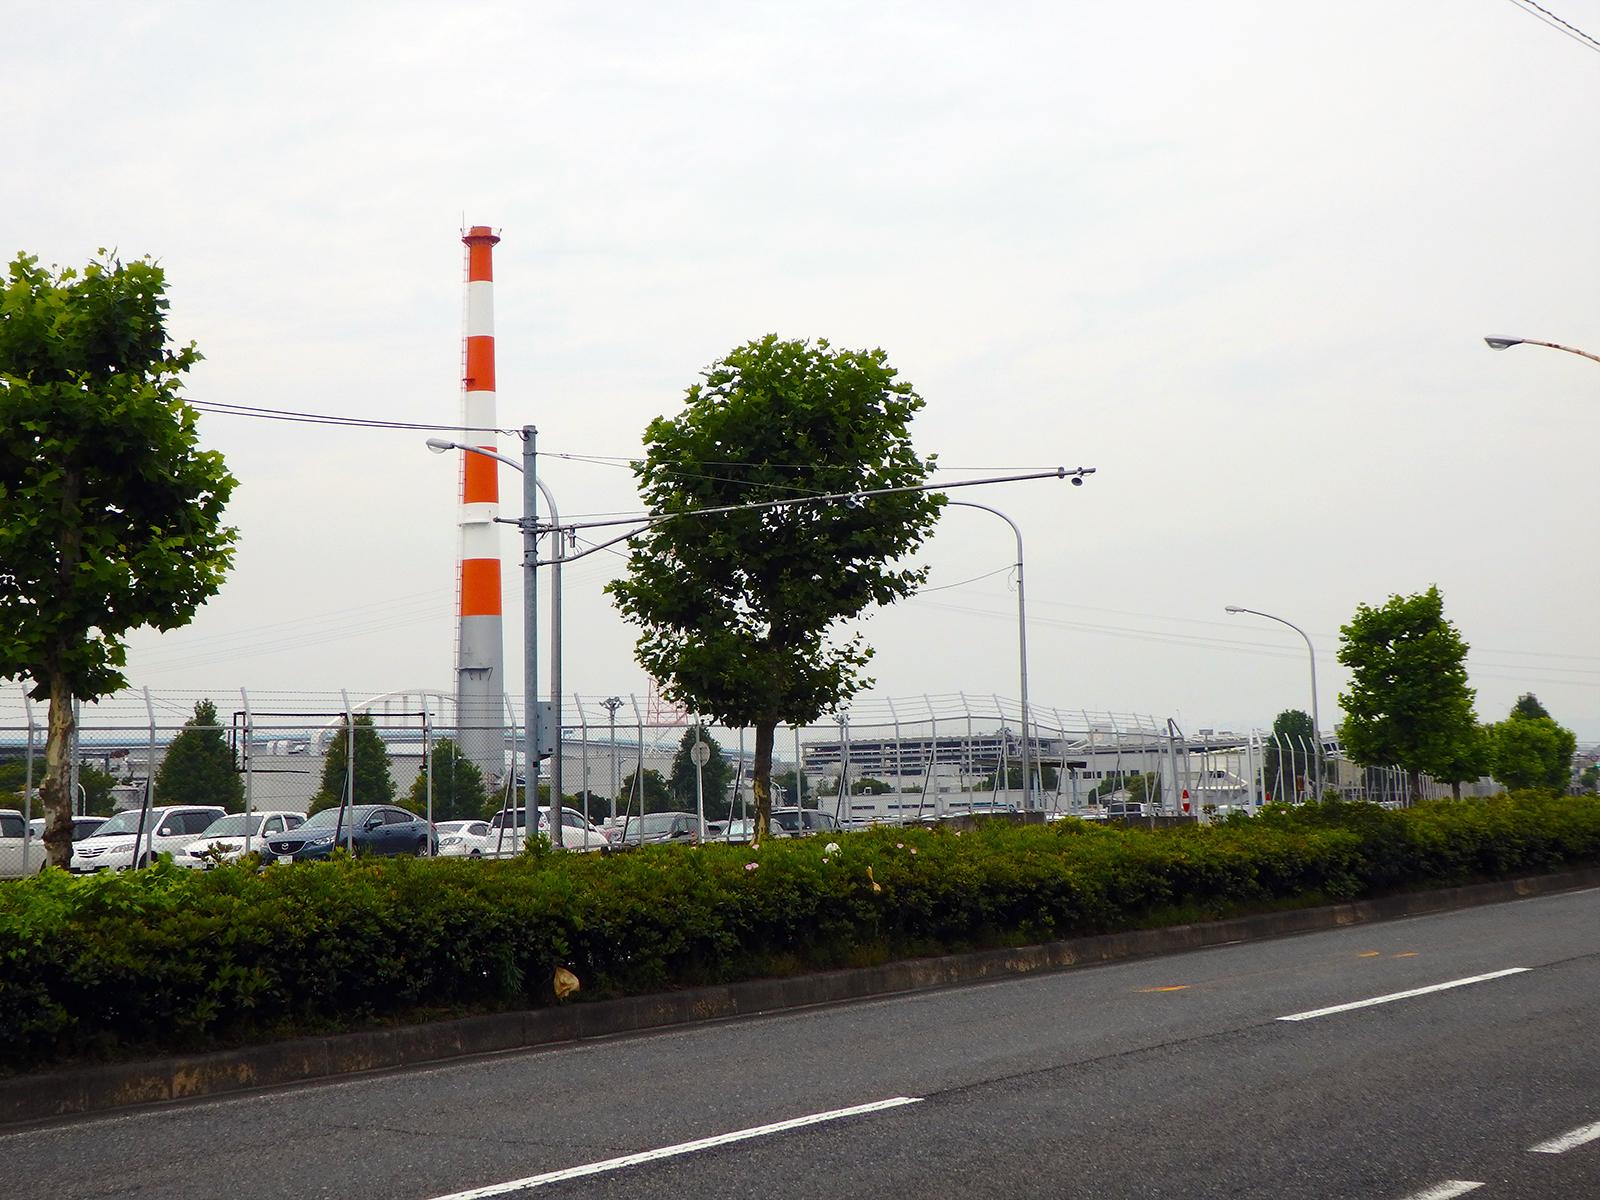 『工場』で描かれた工場によく似ているところを取材班は、たまたま見かけた。背後には小説に出てきたような長い橋も見える。